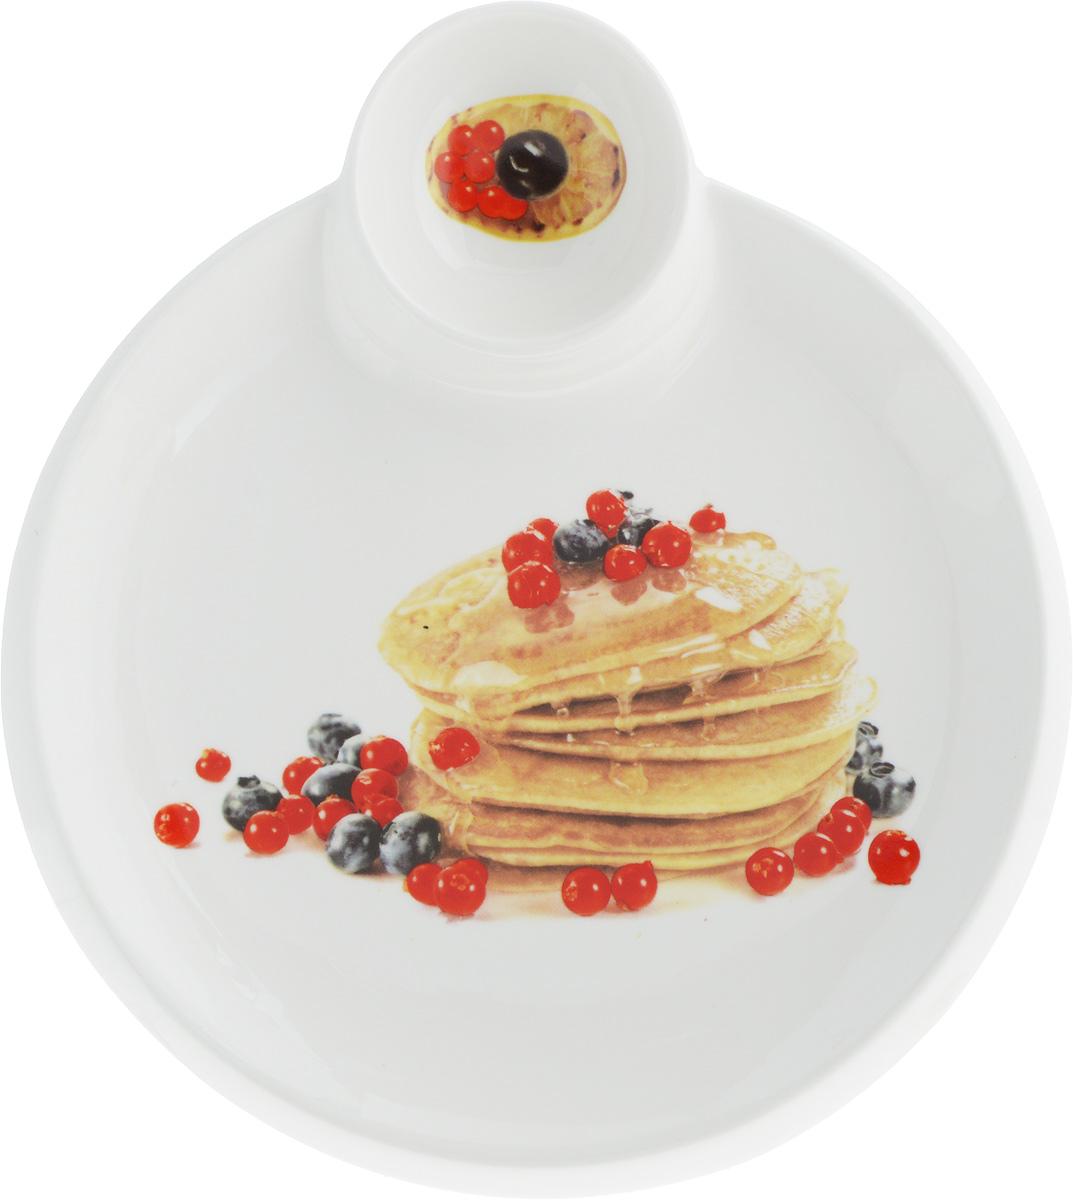 """Круглая тарелка Elan Gallery """"Блины с ягодами"""", изготовленная из керамики и декорированная ярким и аппетитным изображением, позволит красиво подать блины. А благодаря небольшой соуснице вам не потребуется дополнительной посуды под варенье или соус. Такая тарелка украсит сервировку вашего стола и подчеркнет прекрасный вкус хозяина, а также станет отличным подарком. Диаметр тарелки: 20 см. Высота: 2 см. Диаметр соусницы: 6 см."""